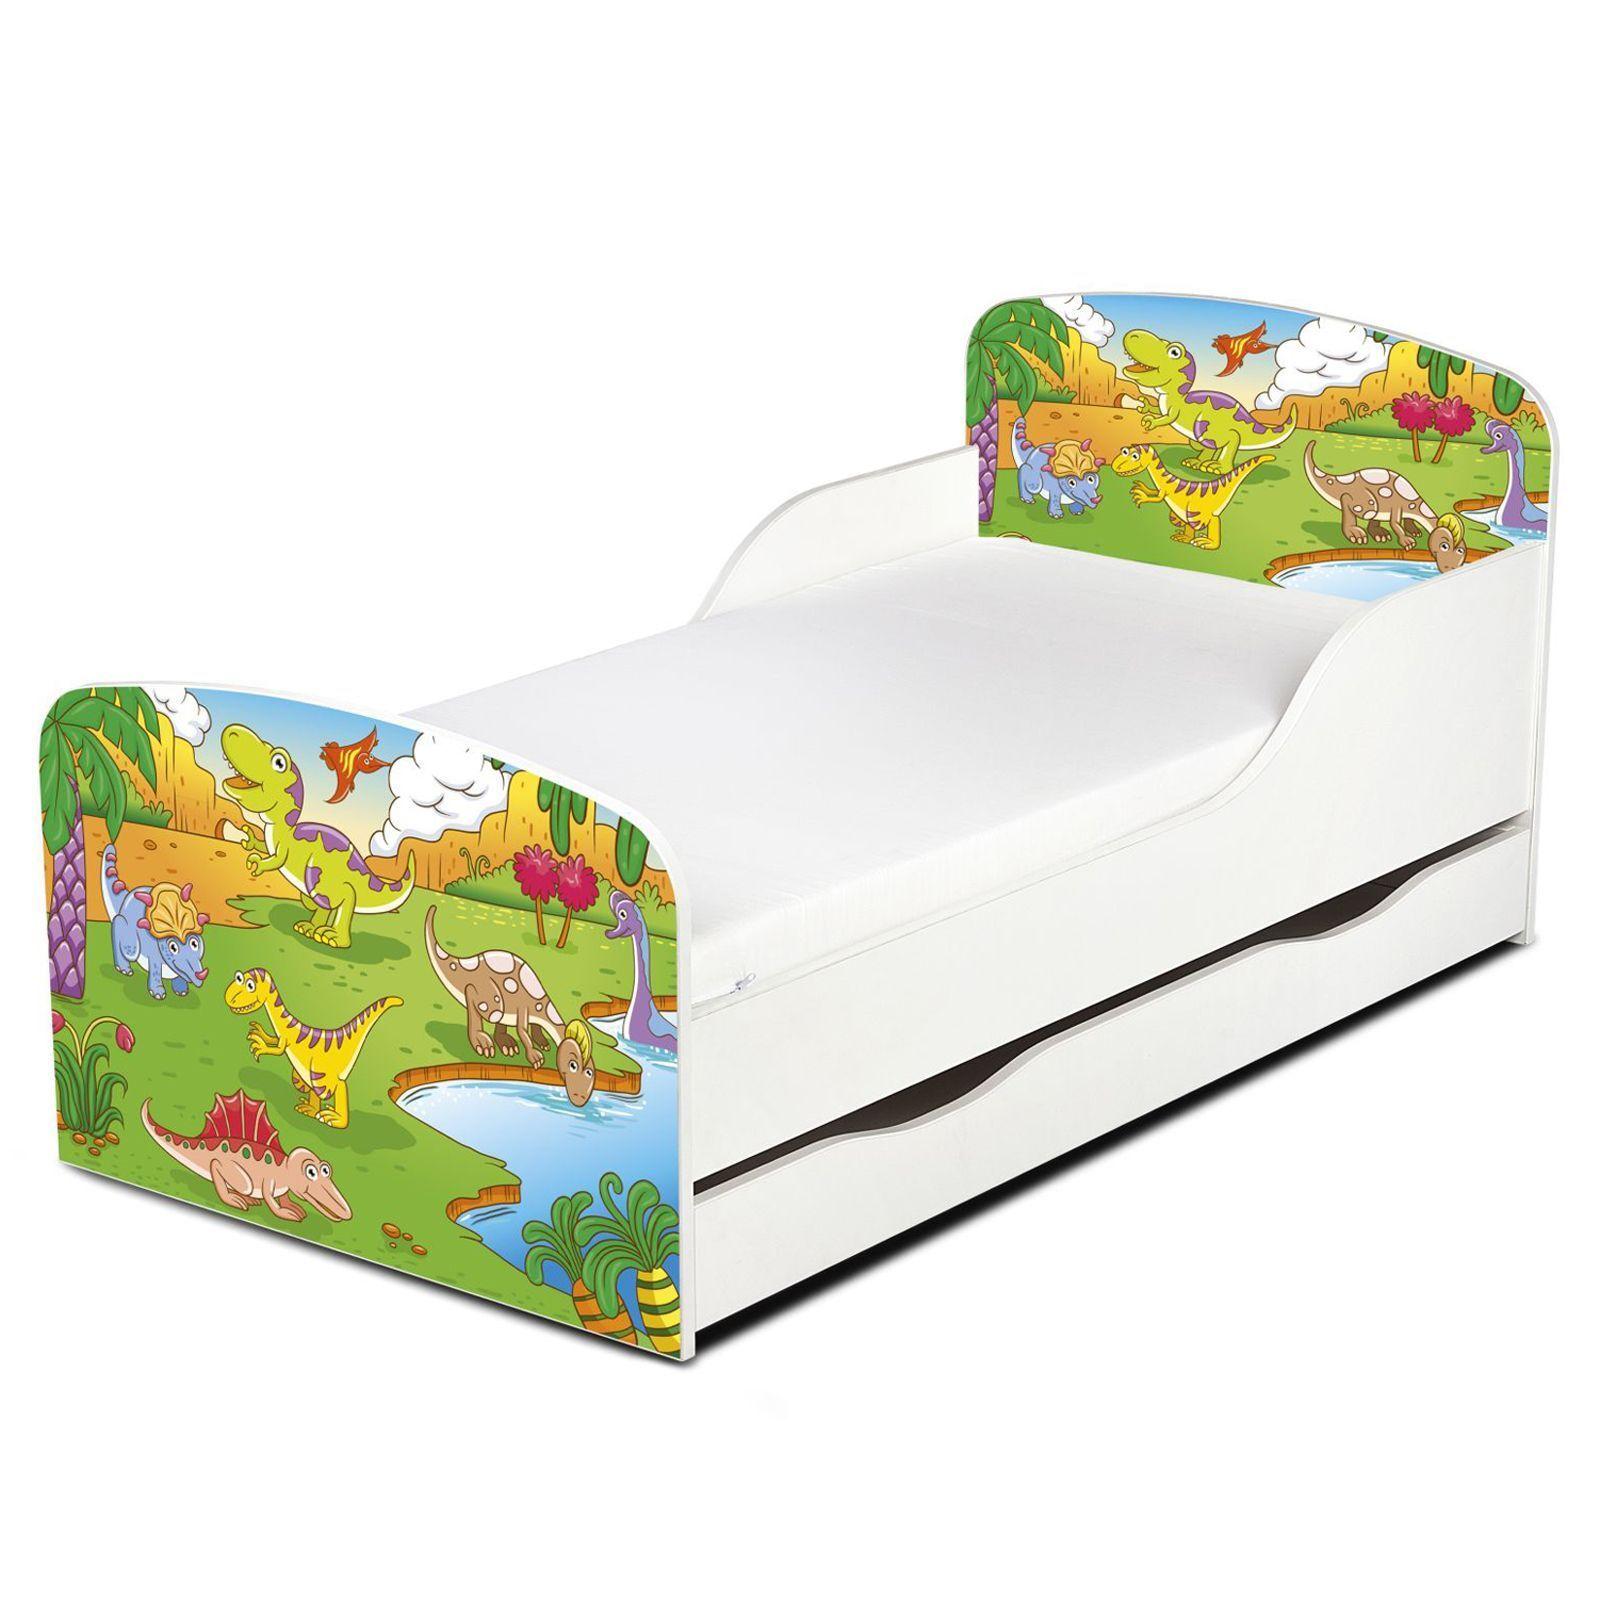 Dinosaurios MDF cama cama cama infantil con almacenamiento NUEVO Dormitorio 550cc6